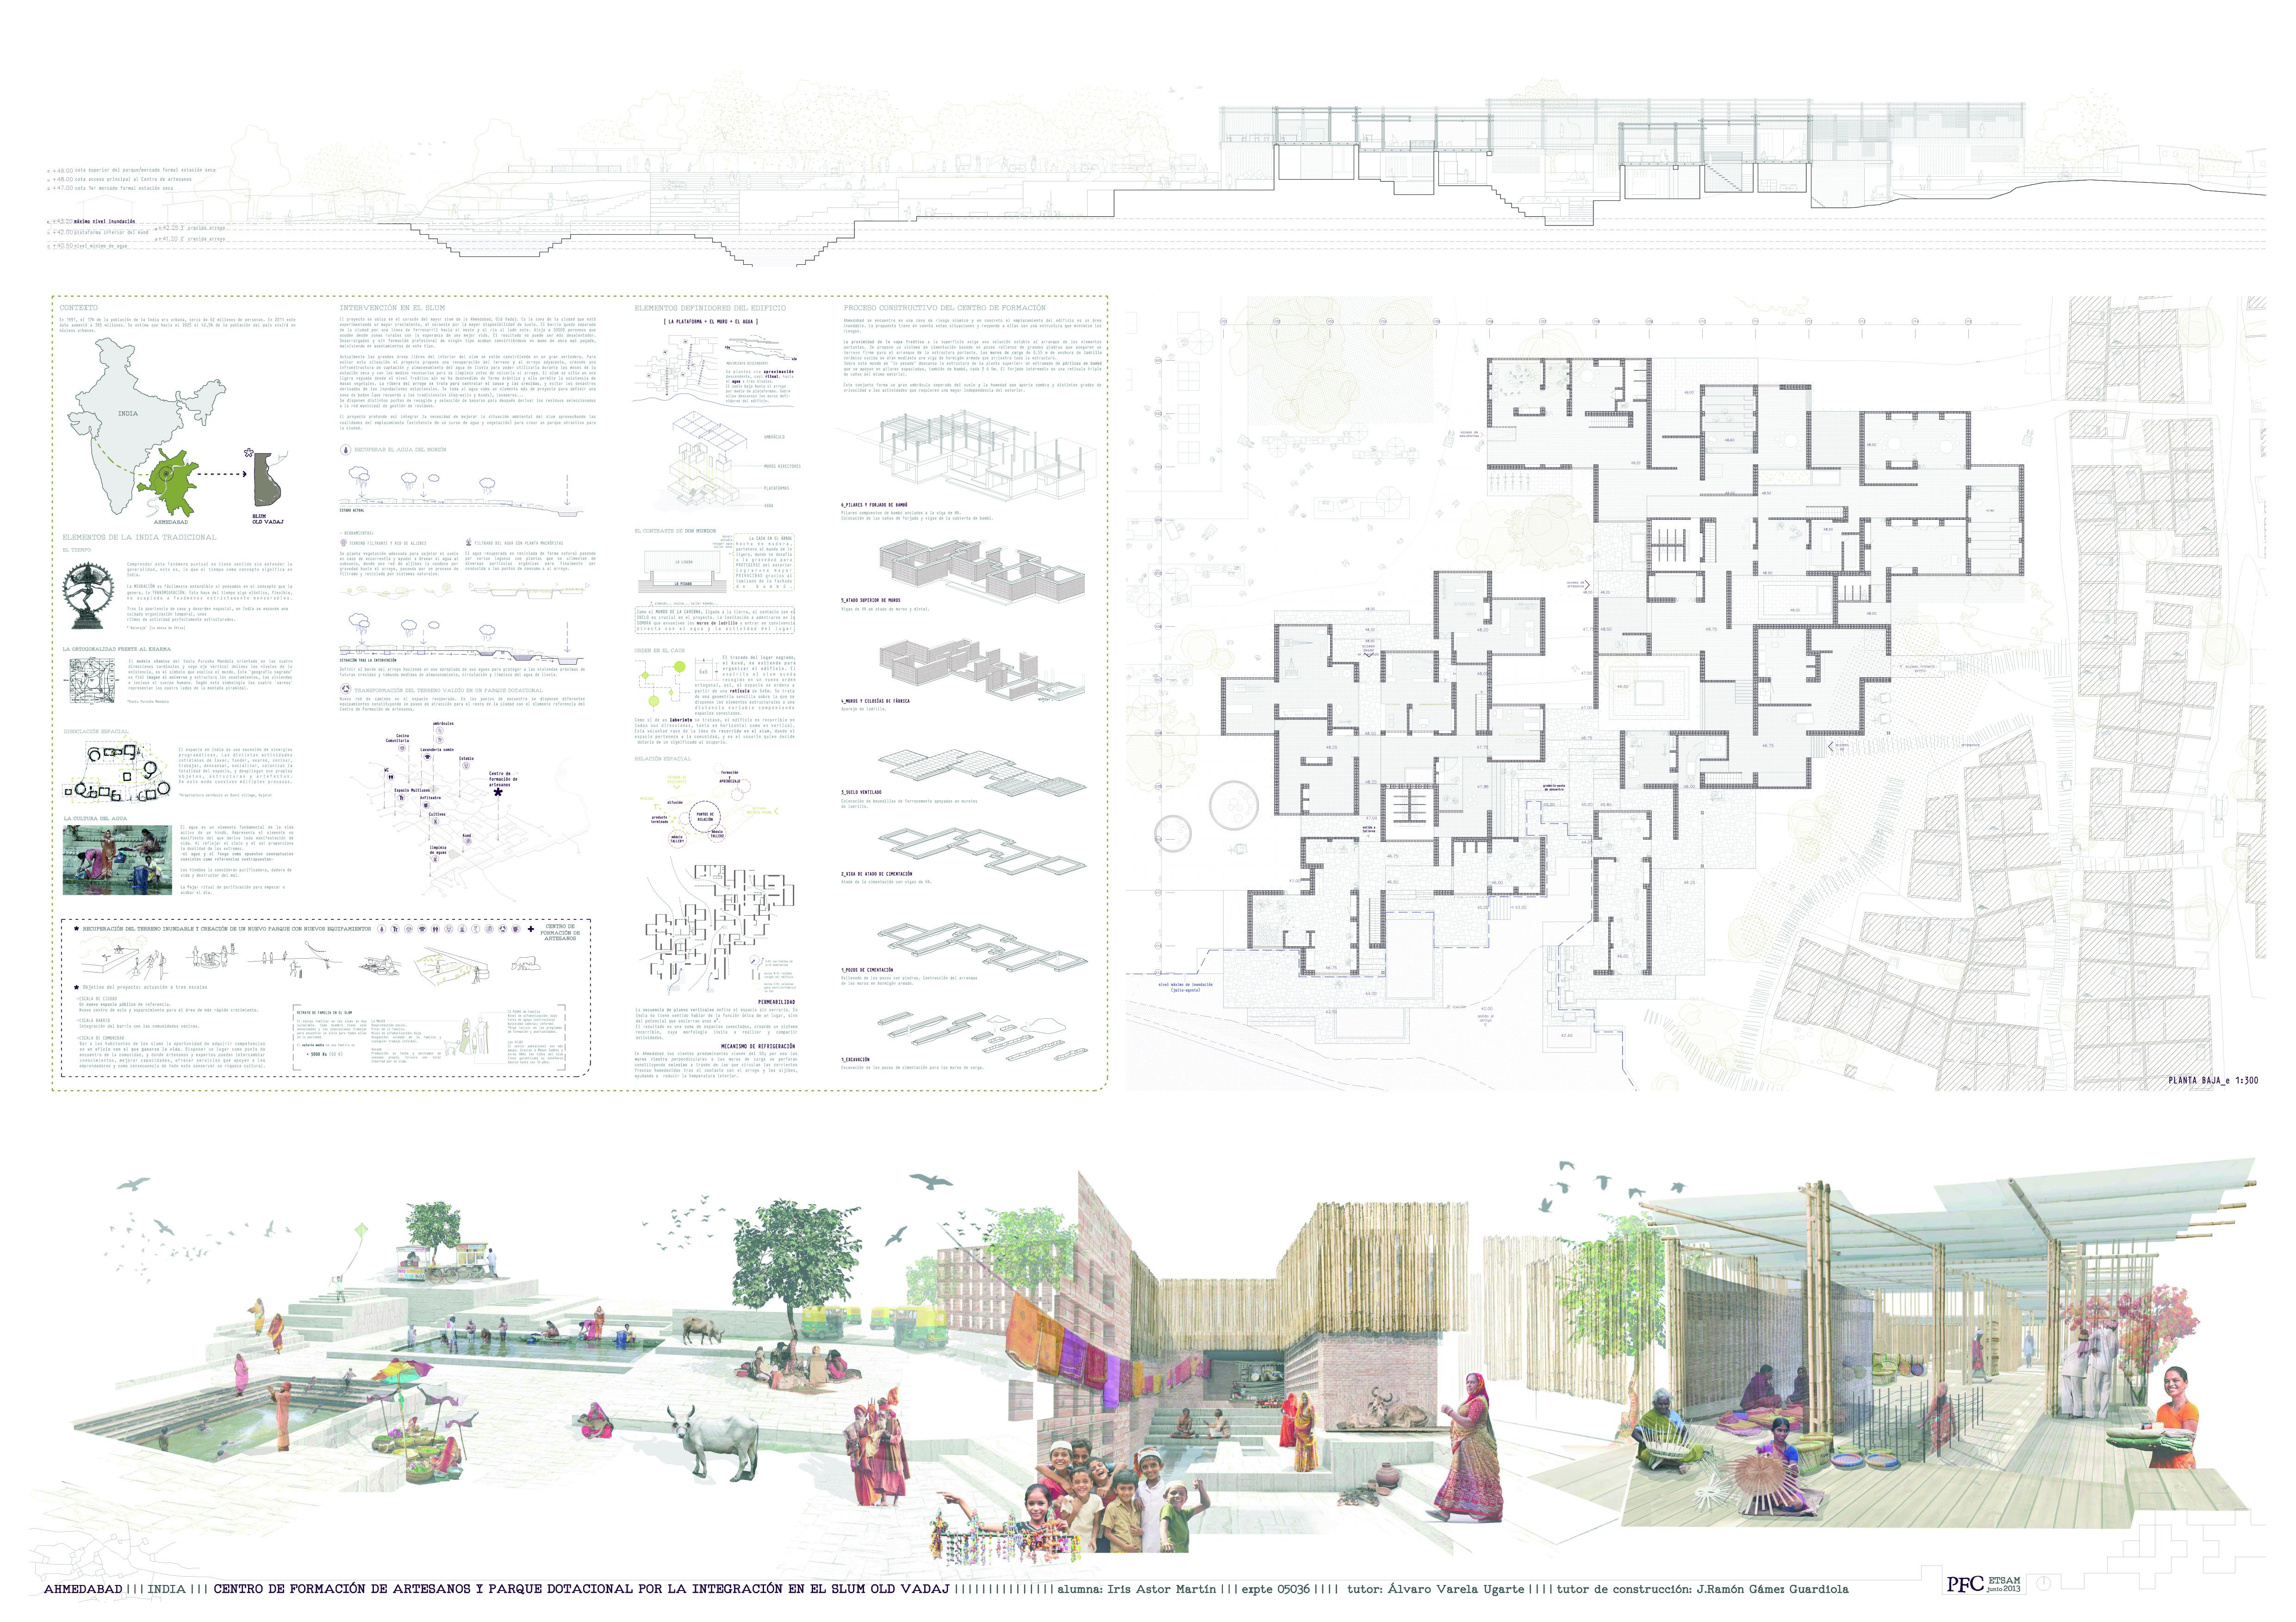 Iris Astor Martín /<br>Centro de Formación de Artesanos y Parque Dotaciones por la Integración